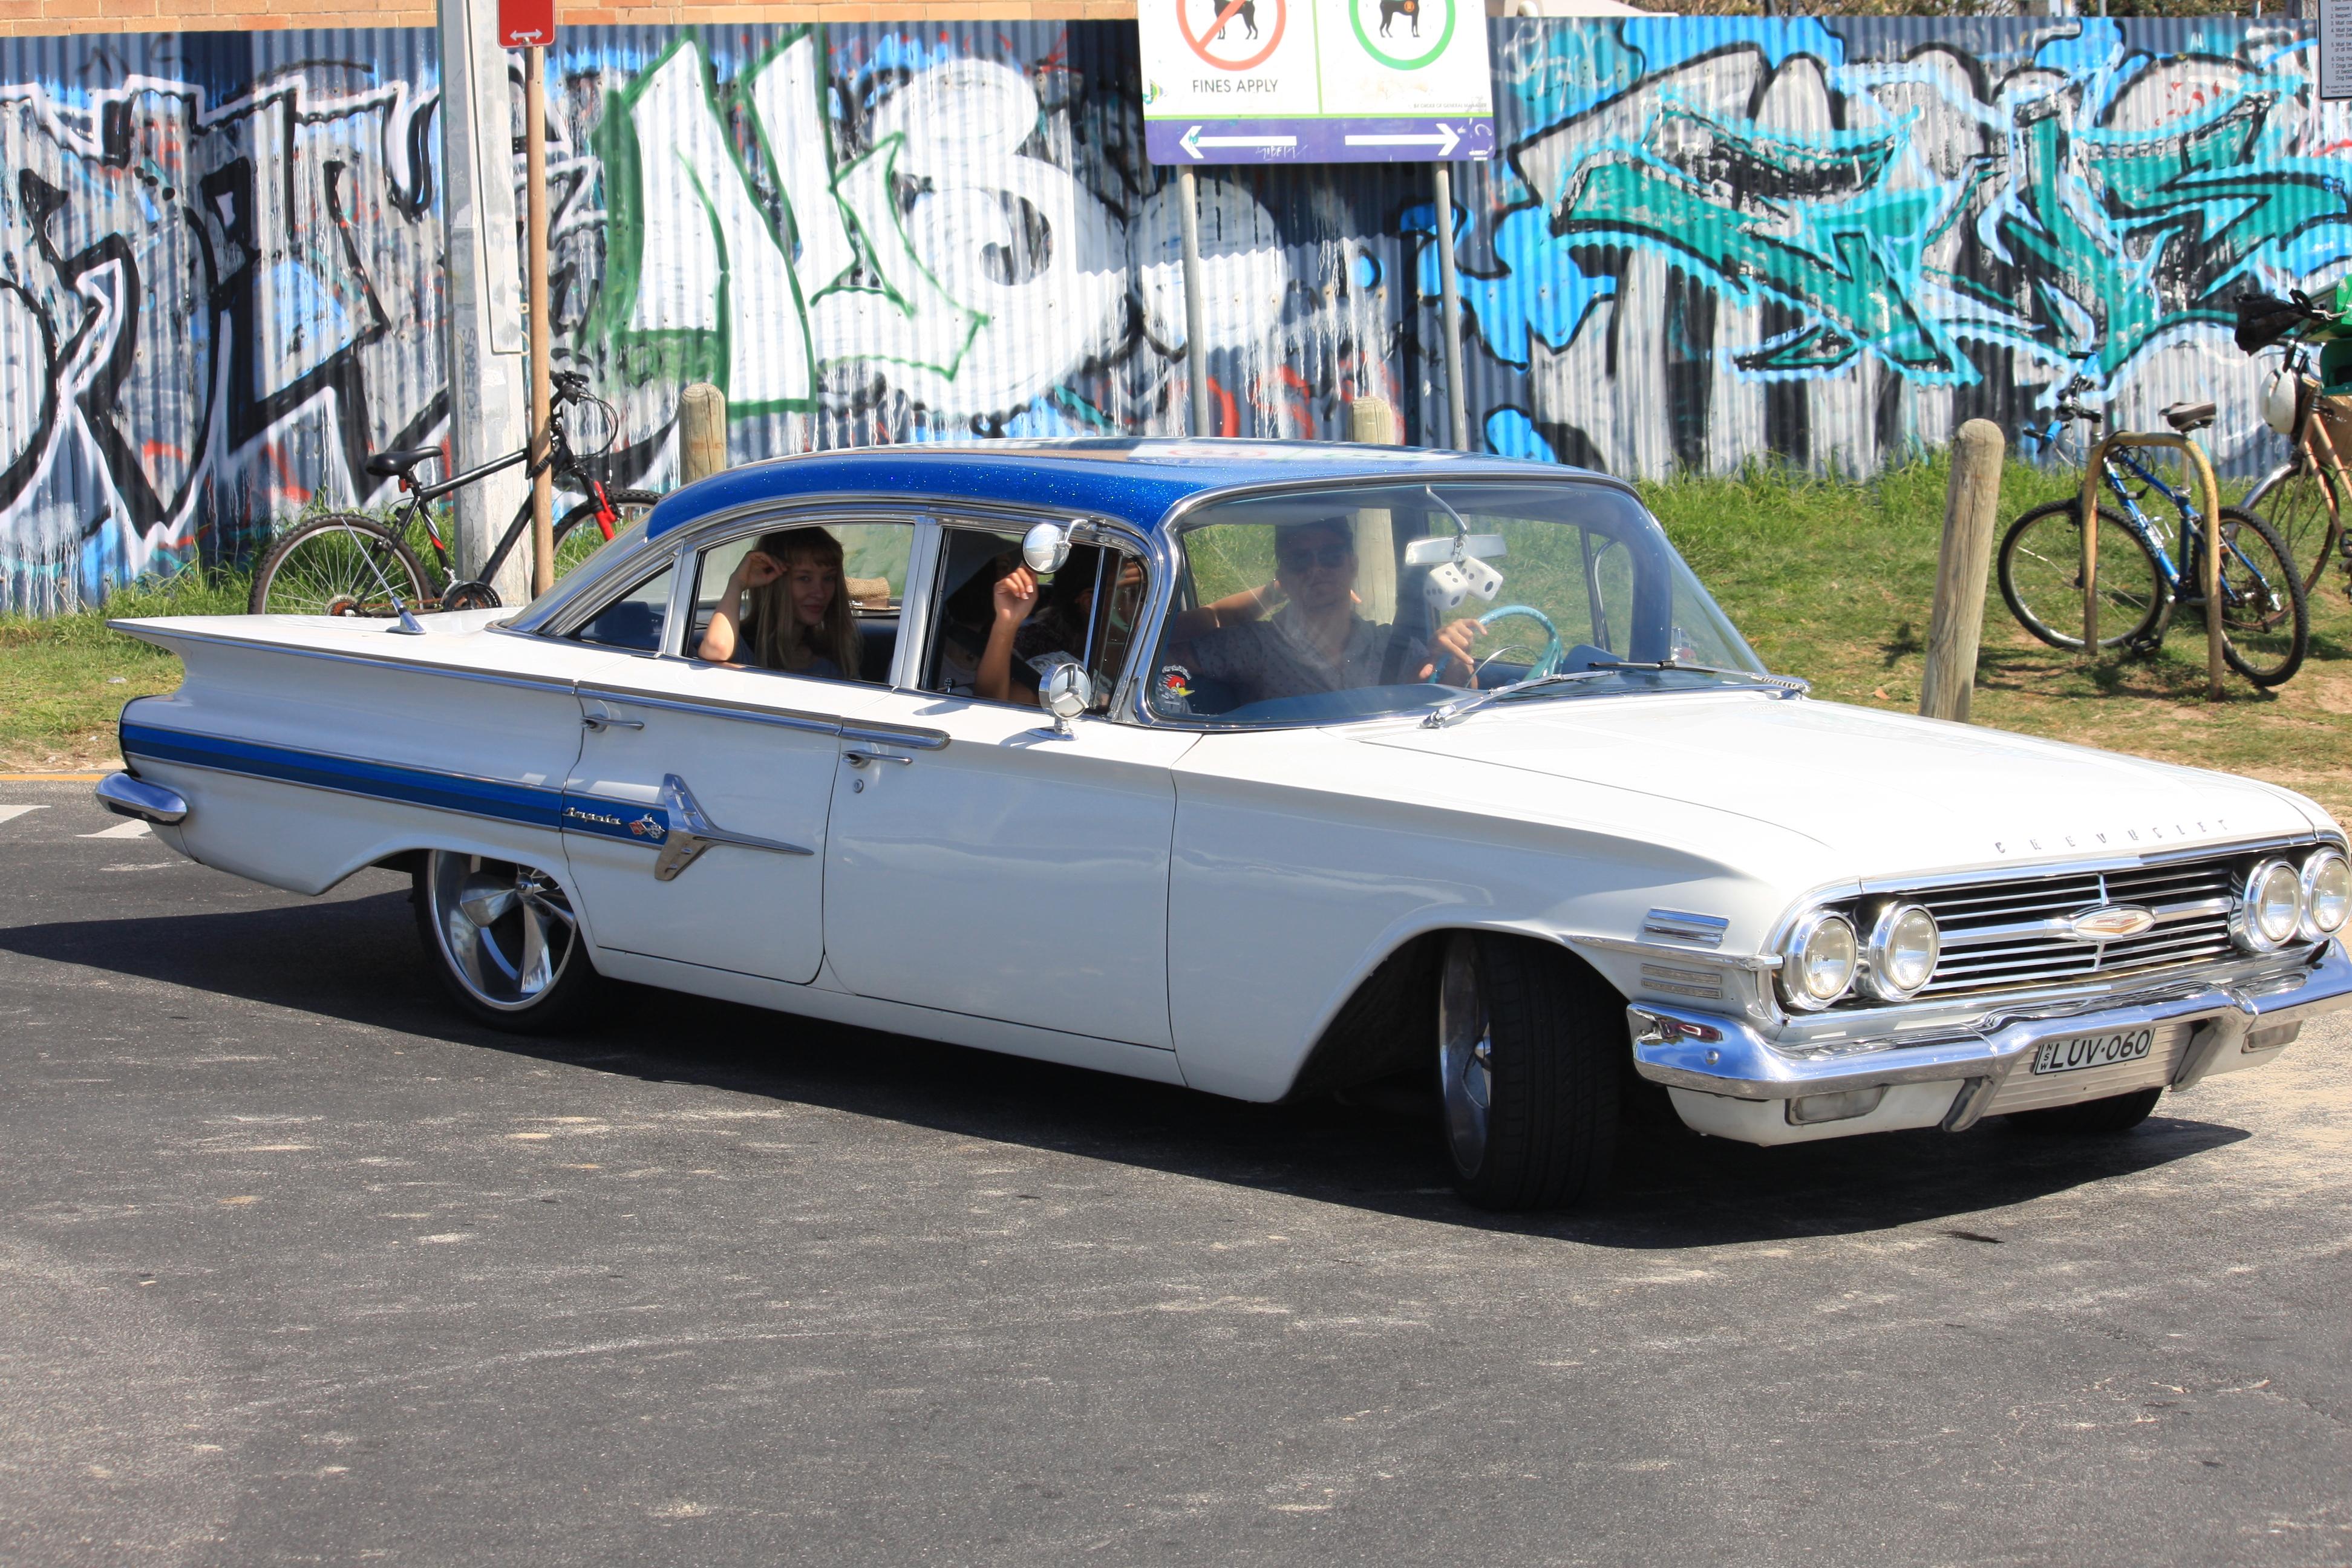 File:Cool Aussie car (...